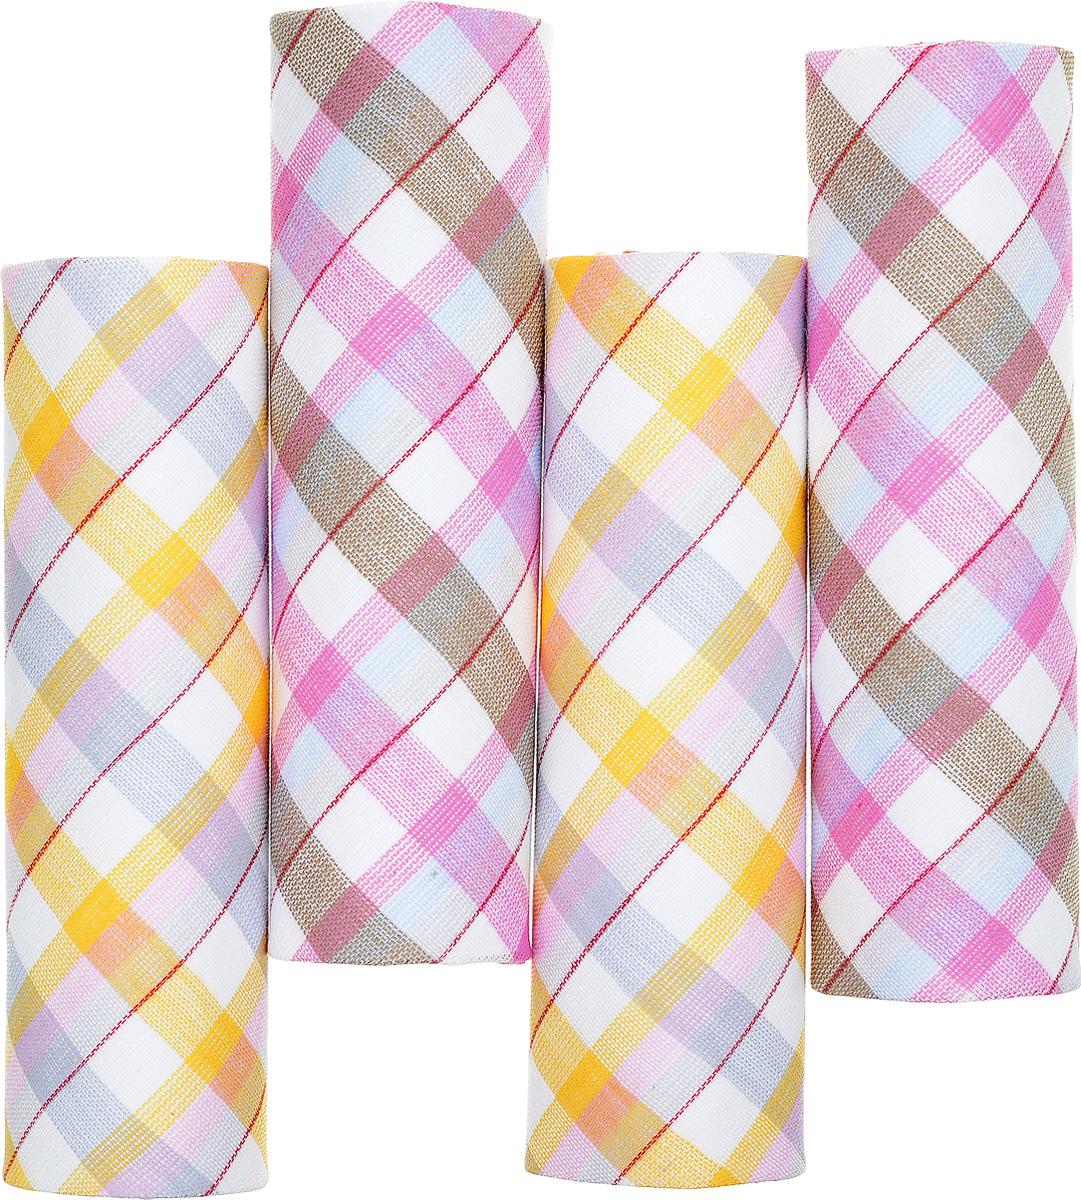 Платок носовой женский Zlata Korunka, цвет: белый, желтый, коричневый. 71420-16. Размер 29 х 29 см, 4 штСерьги с подвескамиНосовой платок Zlata Korunka изготовлен из высококачественного натурального хлопка, благодаря чему приятен в использовании, хорошо стирается, не садится и отлично впитывает влагу. Практичный и изящный носовой платок будет незаменим в повседневной жизни любого современного человека. Такой платок послужит стильным аксессуаром и подчеркнет ваше превосходное чувство вкуса.В комплекте 4 платка.